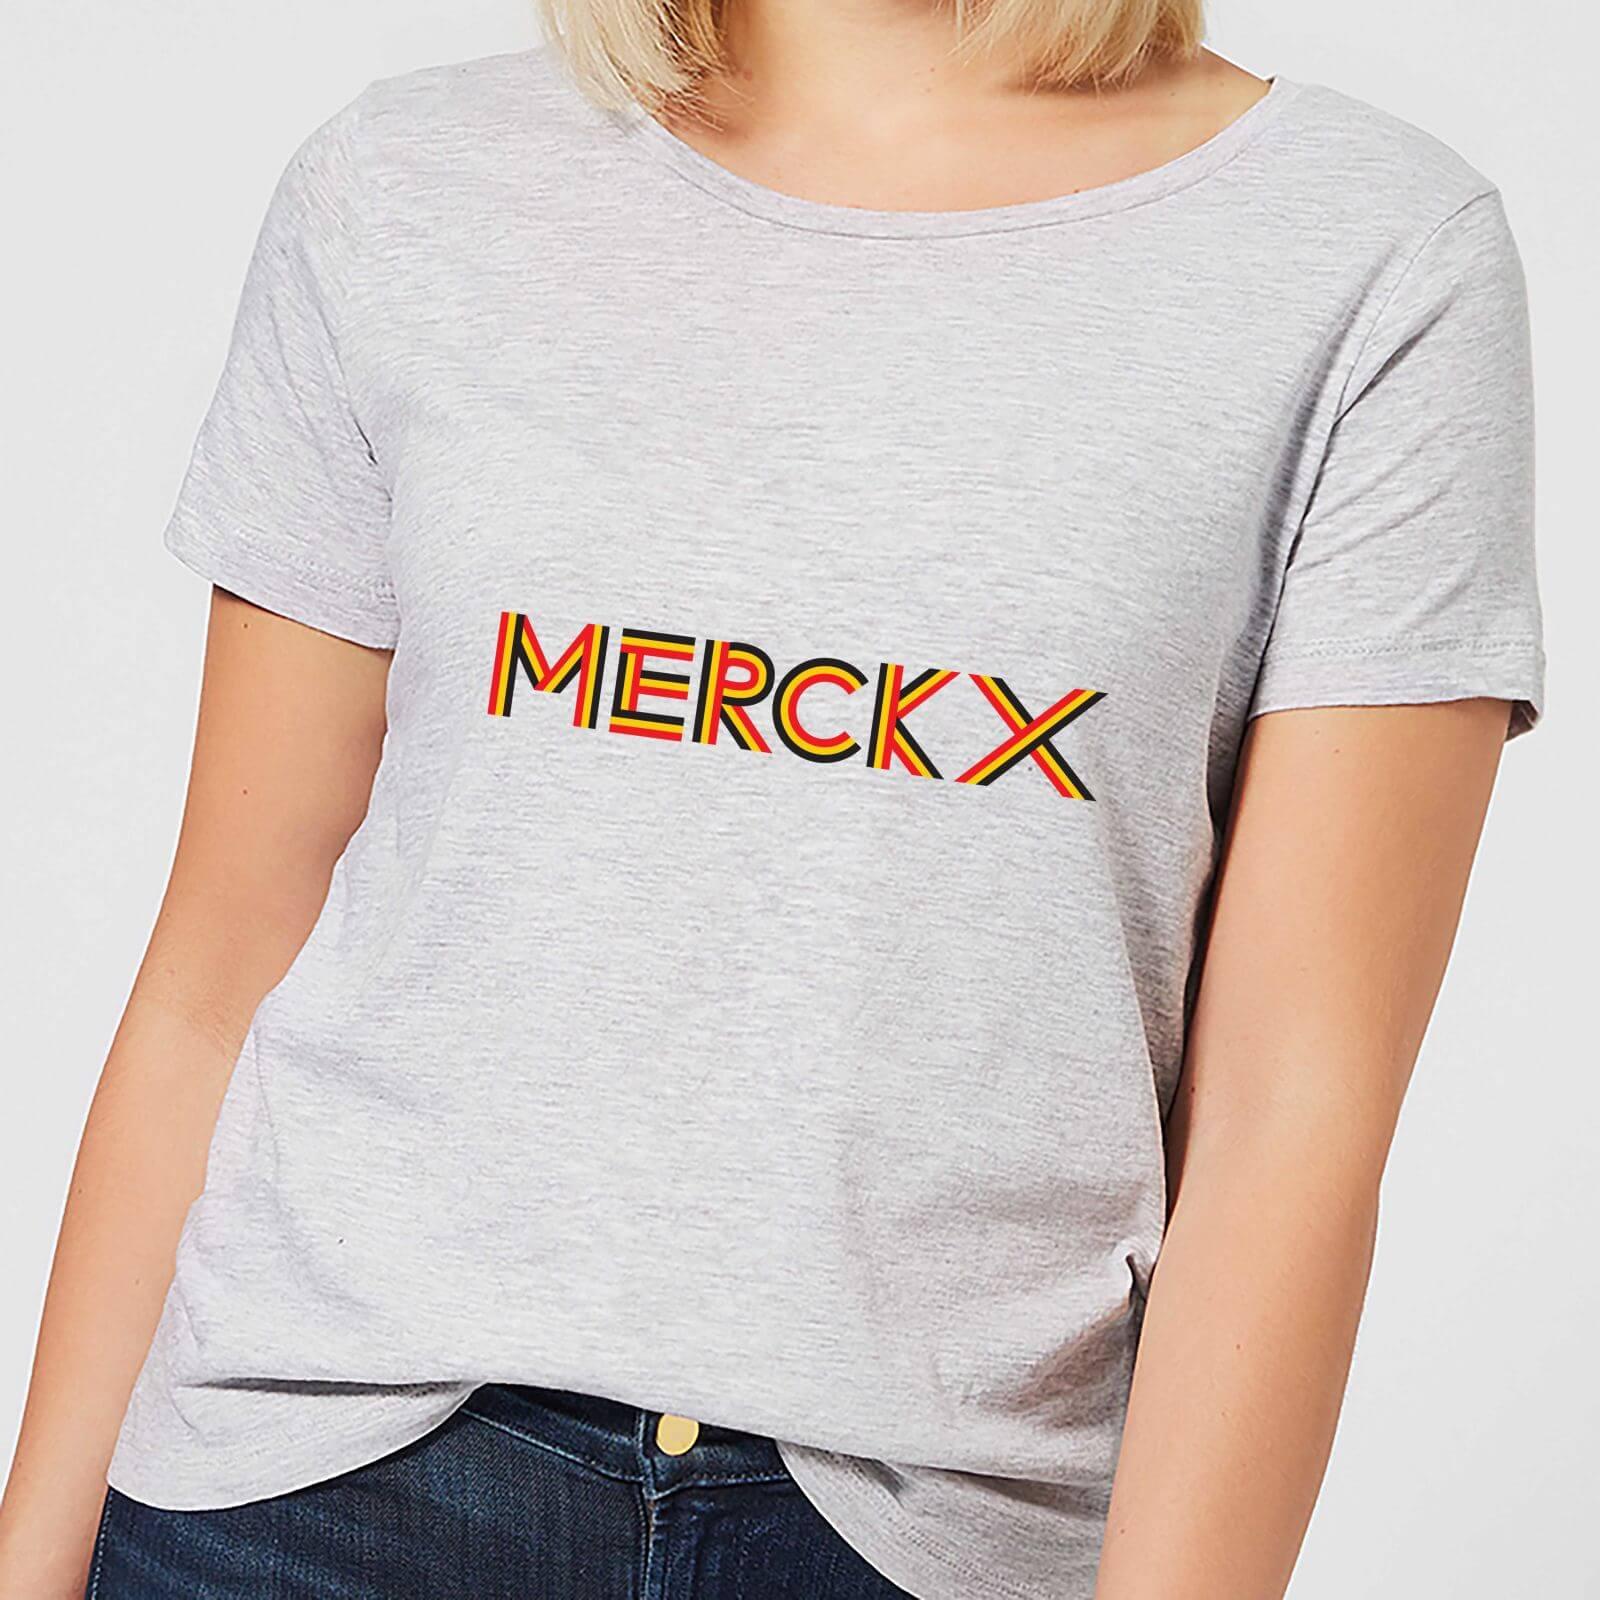 Summit Finish Merckx - Rider Name Women's T-Shirt - Grey - S - Grey